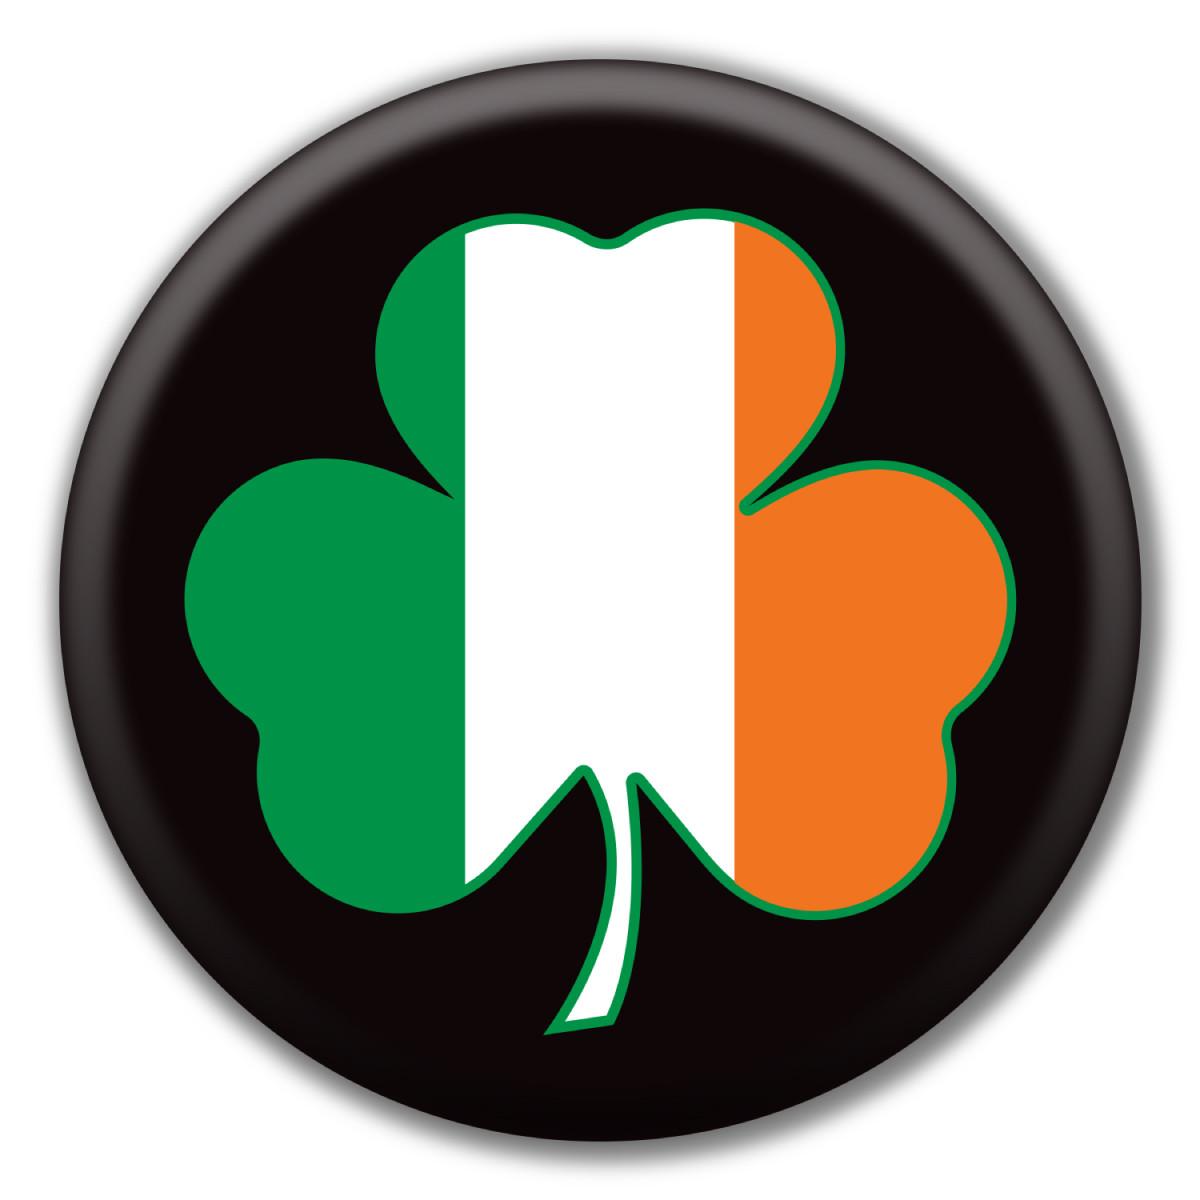 Shamrock Irish Flag Circle Button Magnet America